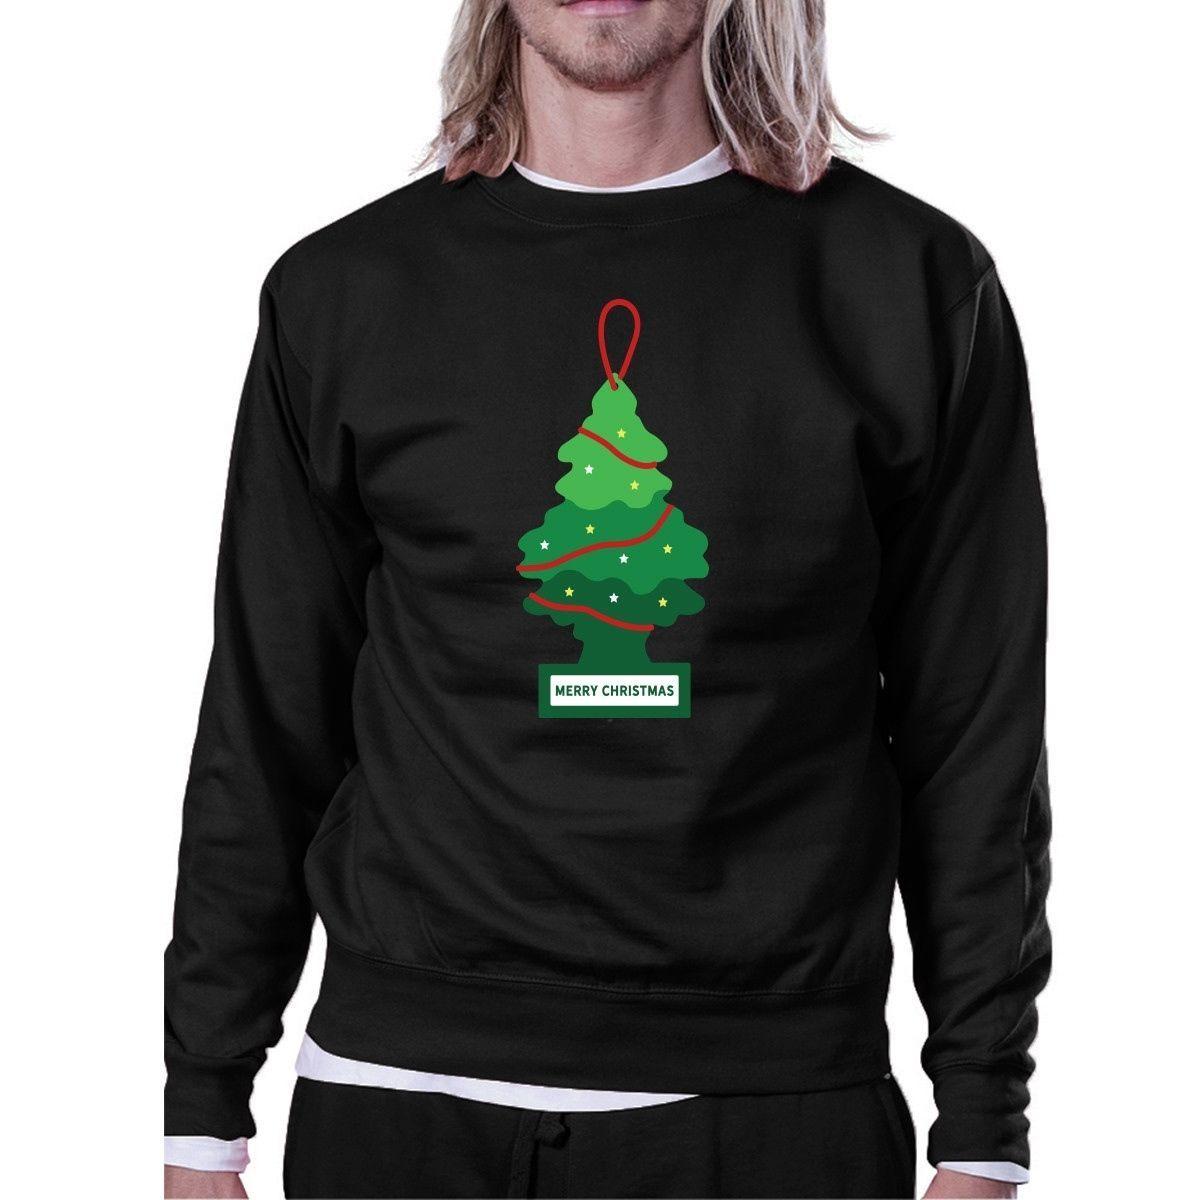 Merry Christmas Car Freshener Sweatshirt Funny Fleece Sweater - $20.99